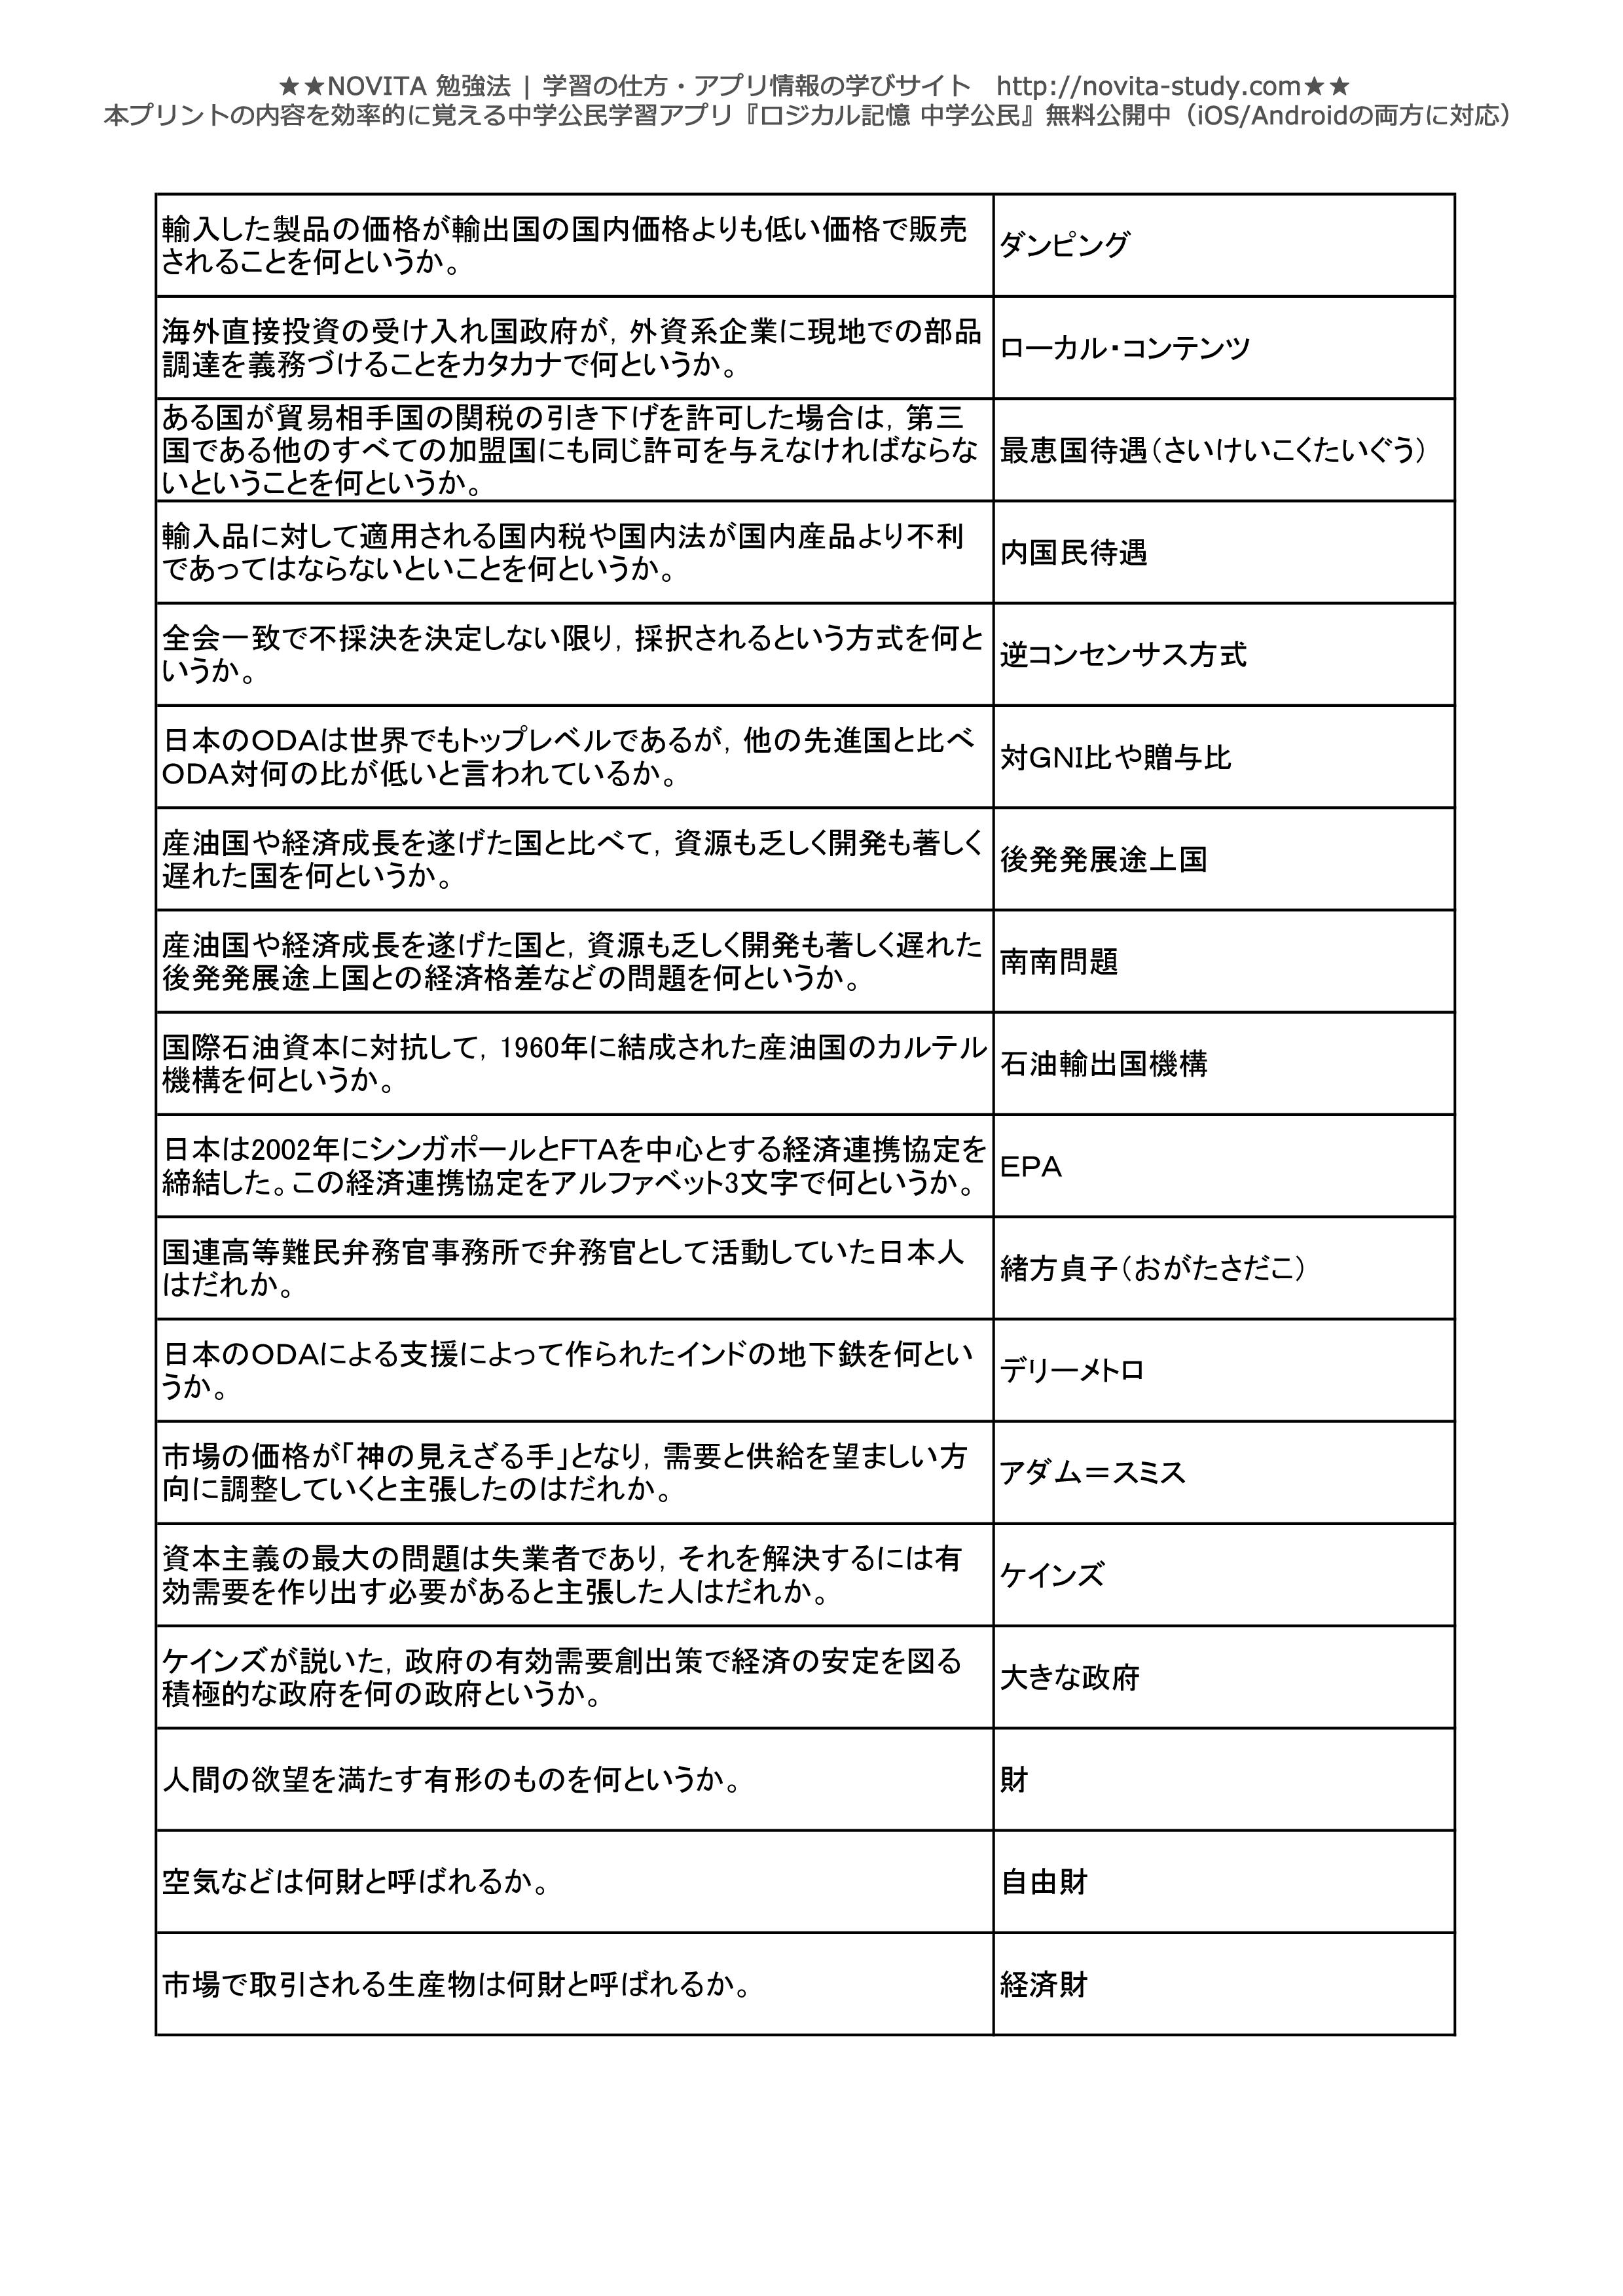 中学公民一問一答無料問題集-015